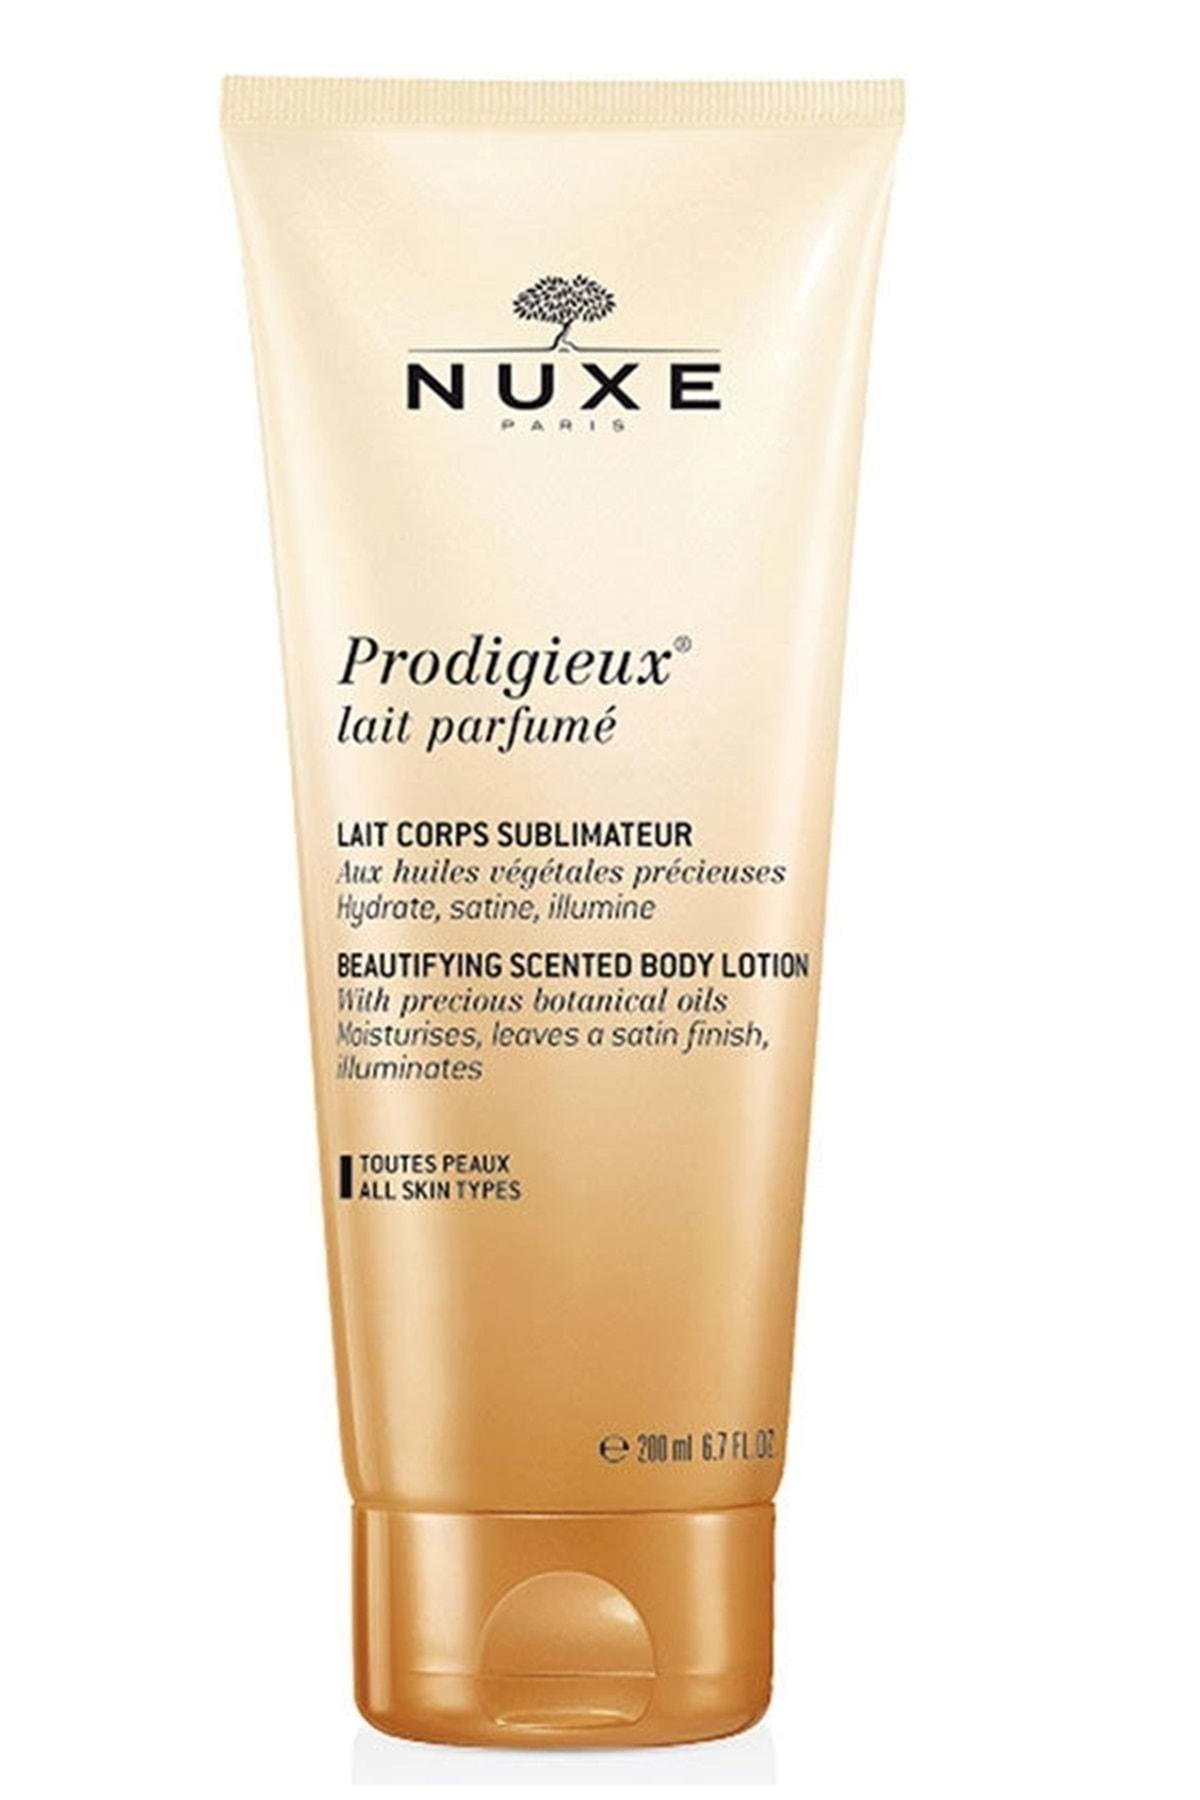 Nuxe Prodigieux Lait Parfume 200ml 1